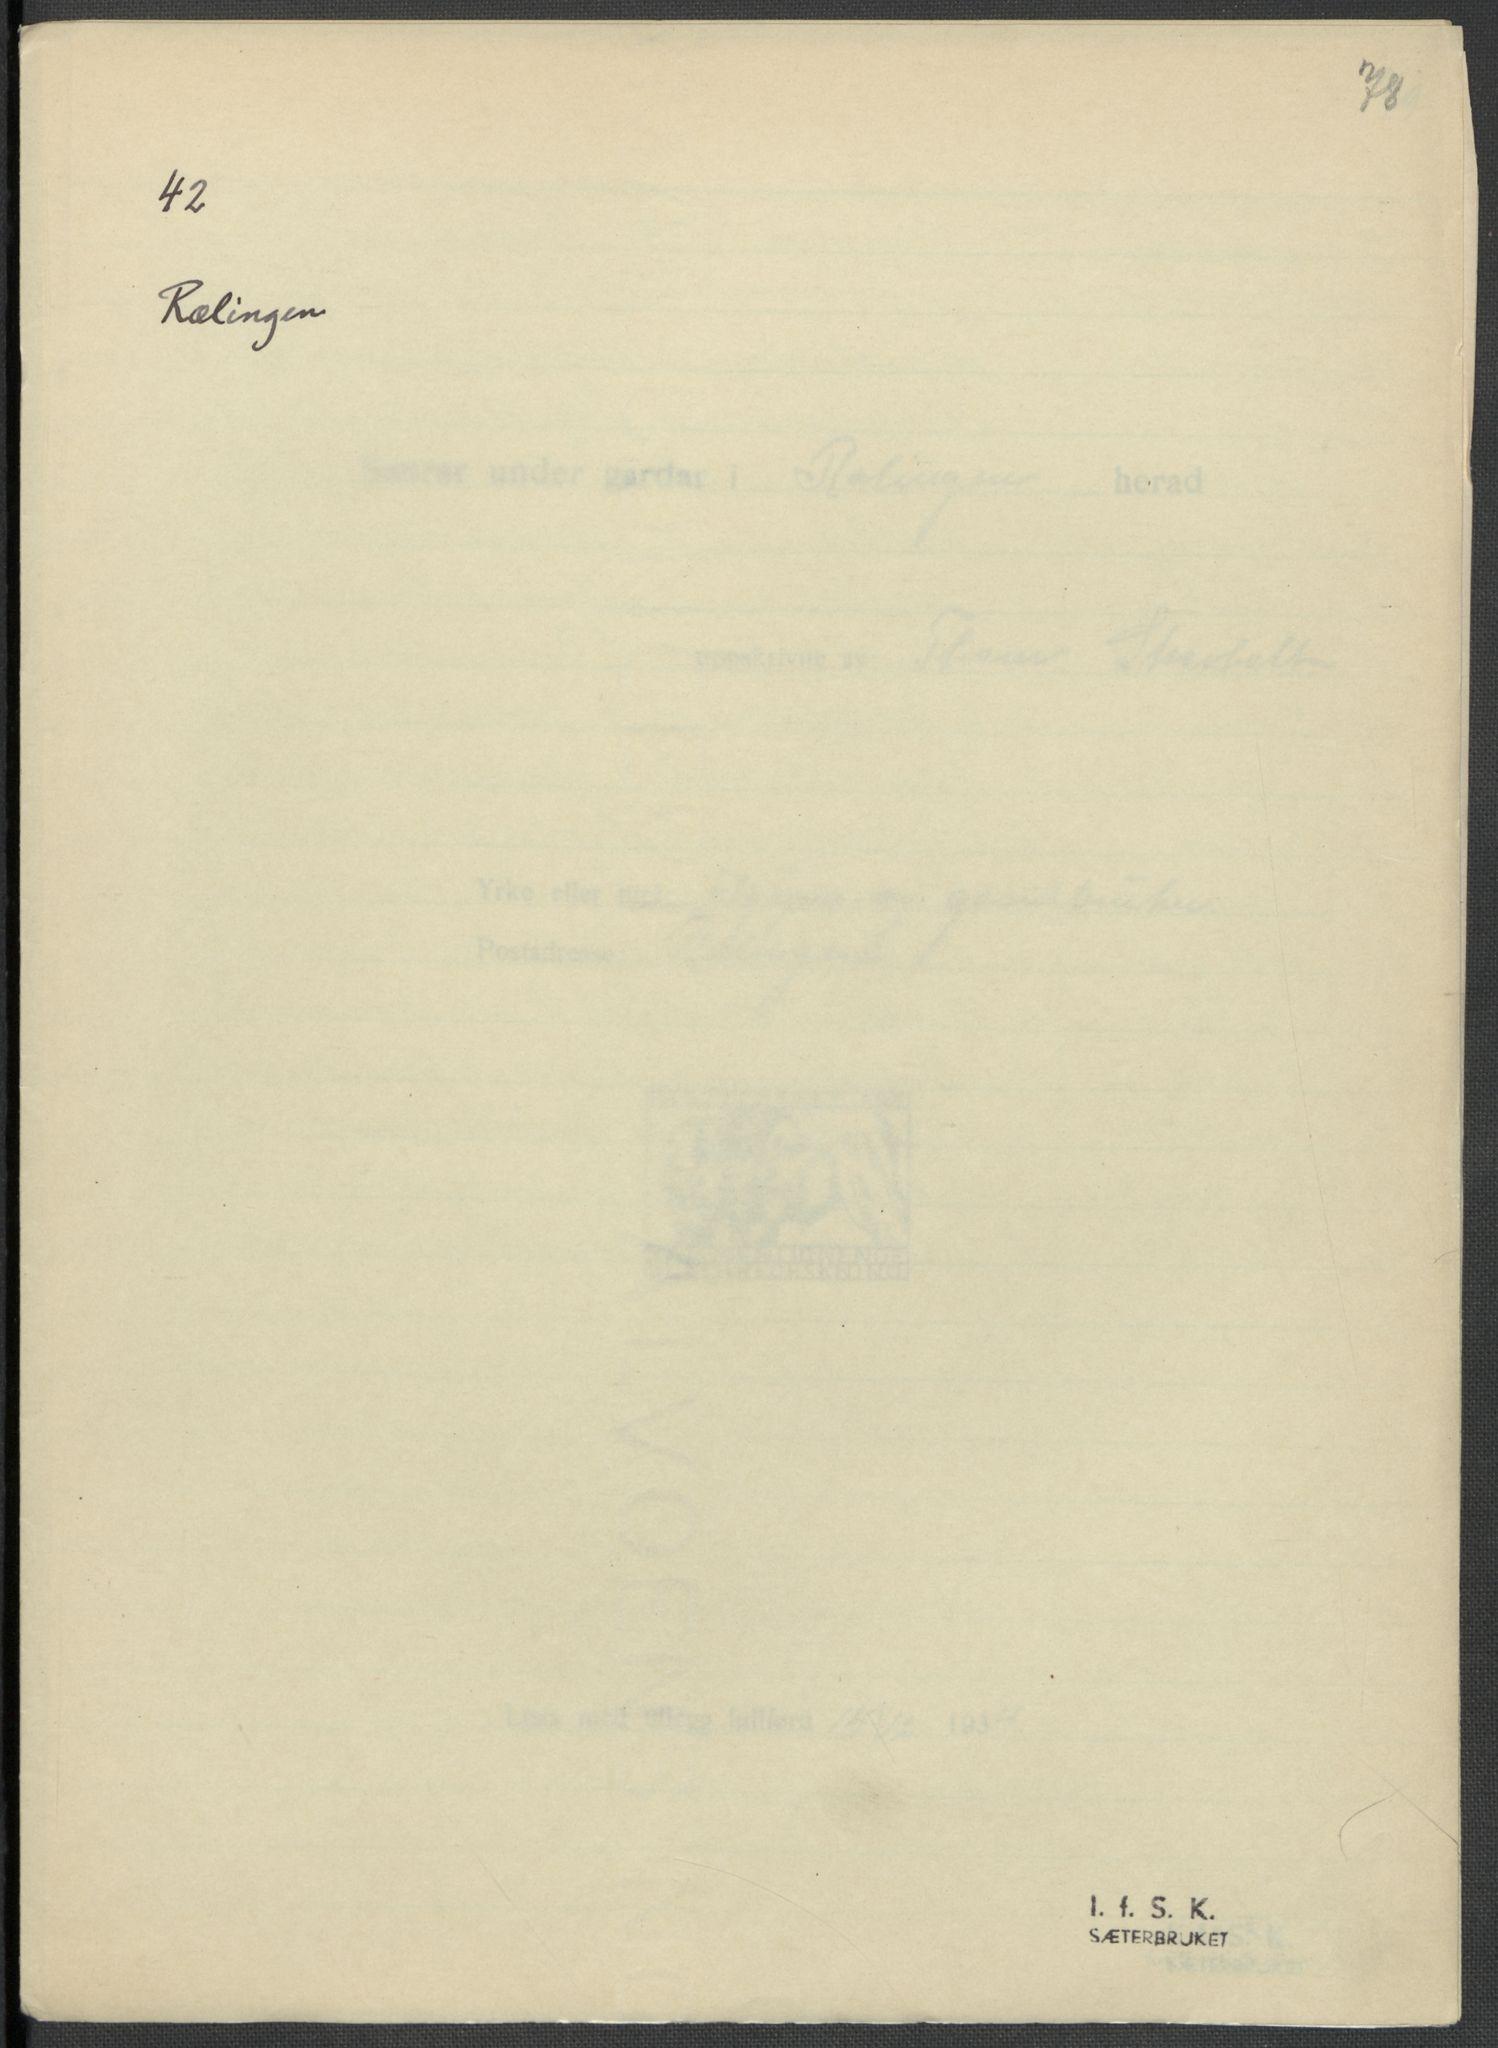 RA, Instituttet for sammenlignende kulturforskning, F/Fc/L0002: Eske B2:, 1932-1936, s. 78